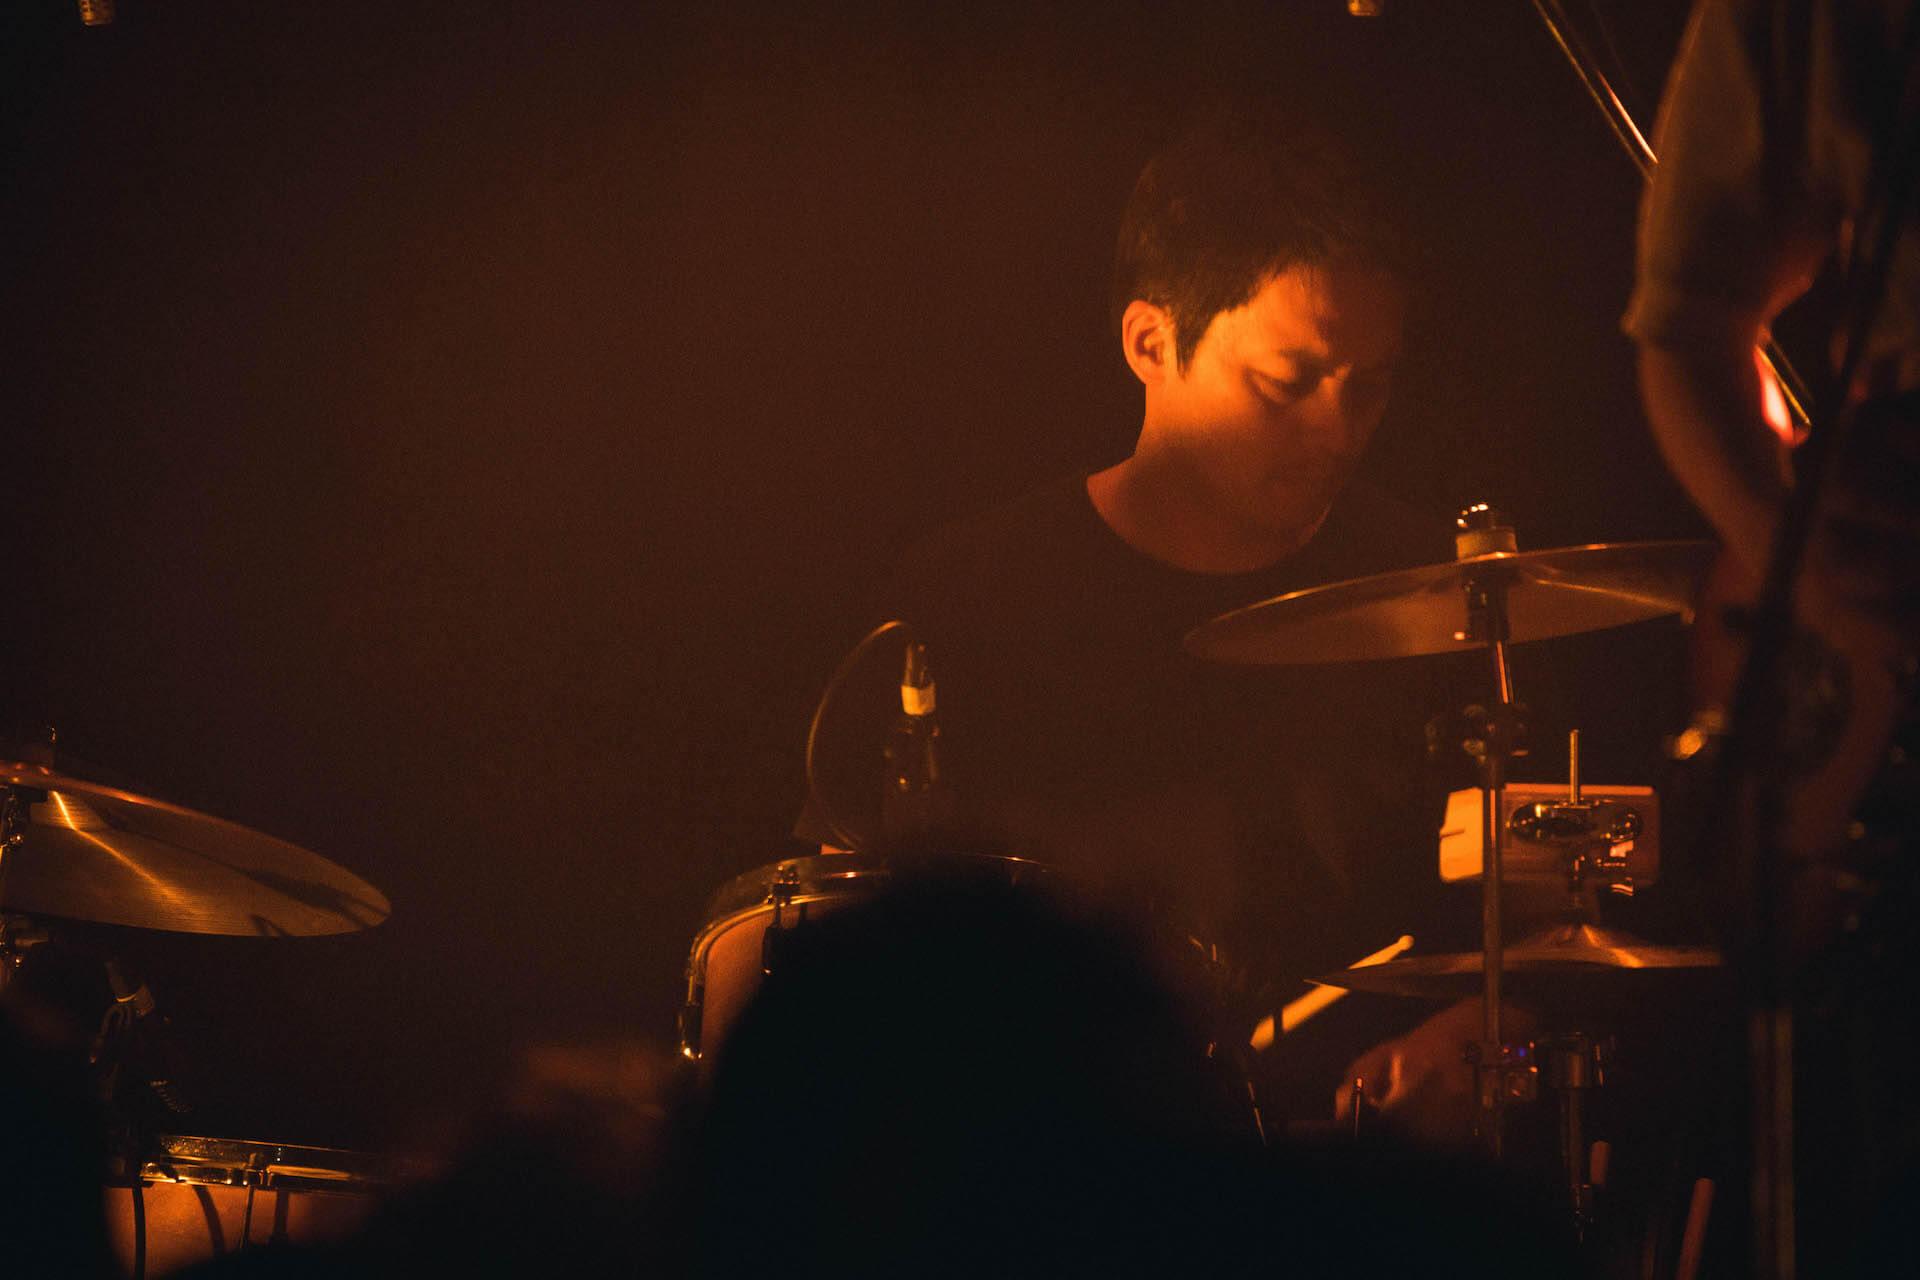 世界を旅するバンドが魅せるサイケデリアのまどろみ 幾何学模様 × OGRE YOU ASSHOLE ライブレポート music191103-kikagakumoyo-ogreyouasshole-2